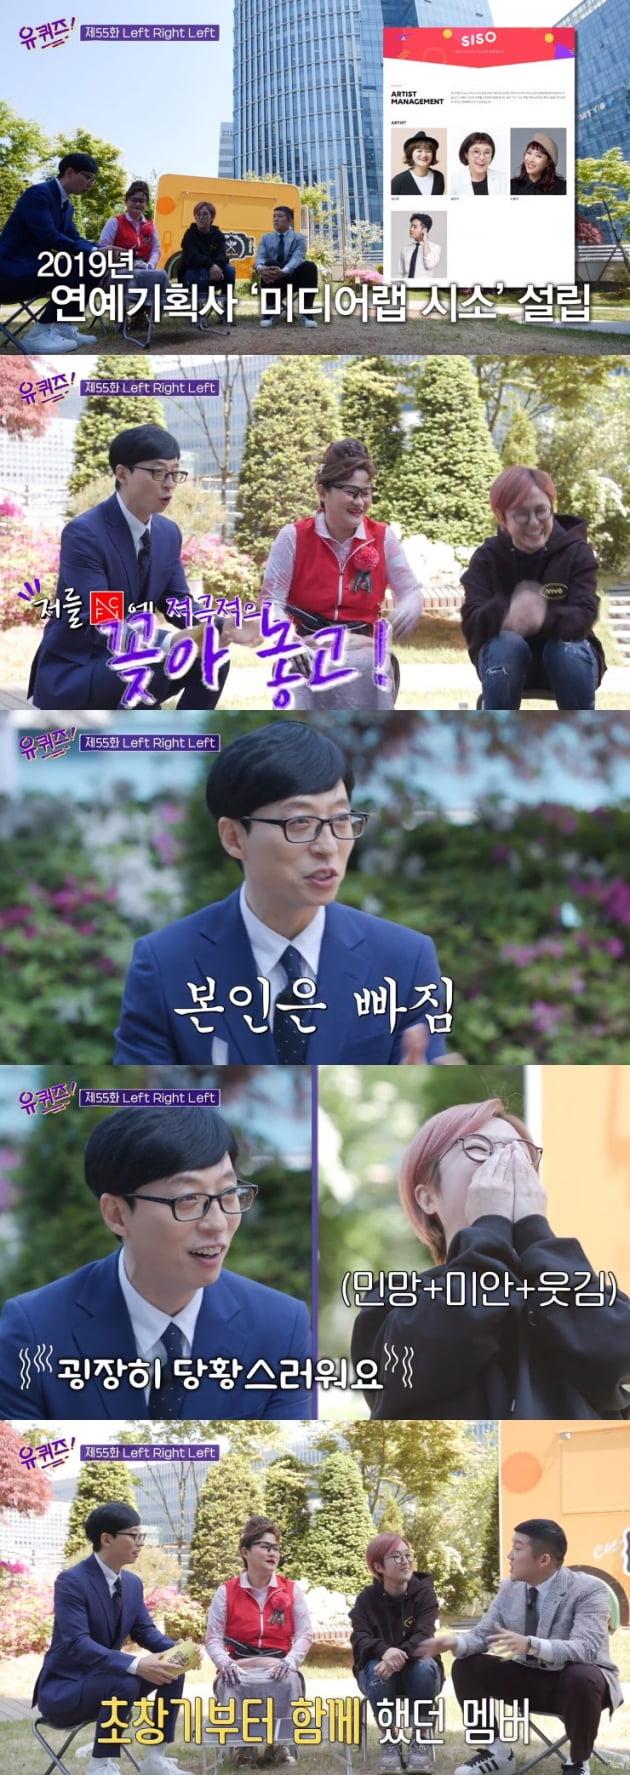 '유퀴즈온더블럭' 유재석 송은이 / 사진 = tvN 영상 캡처